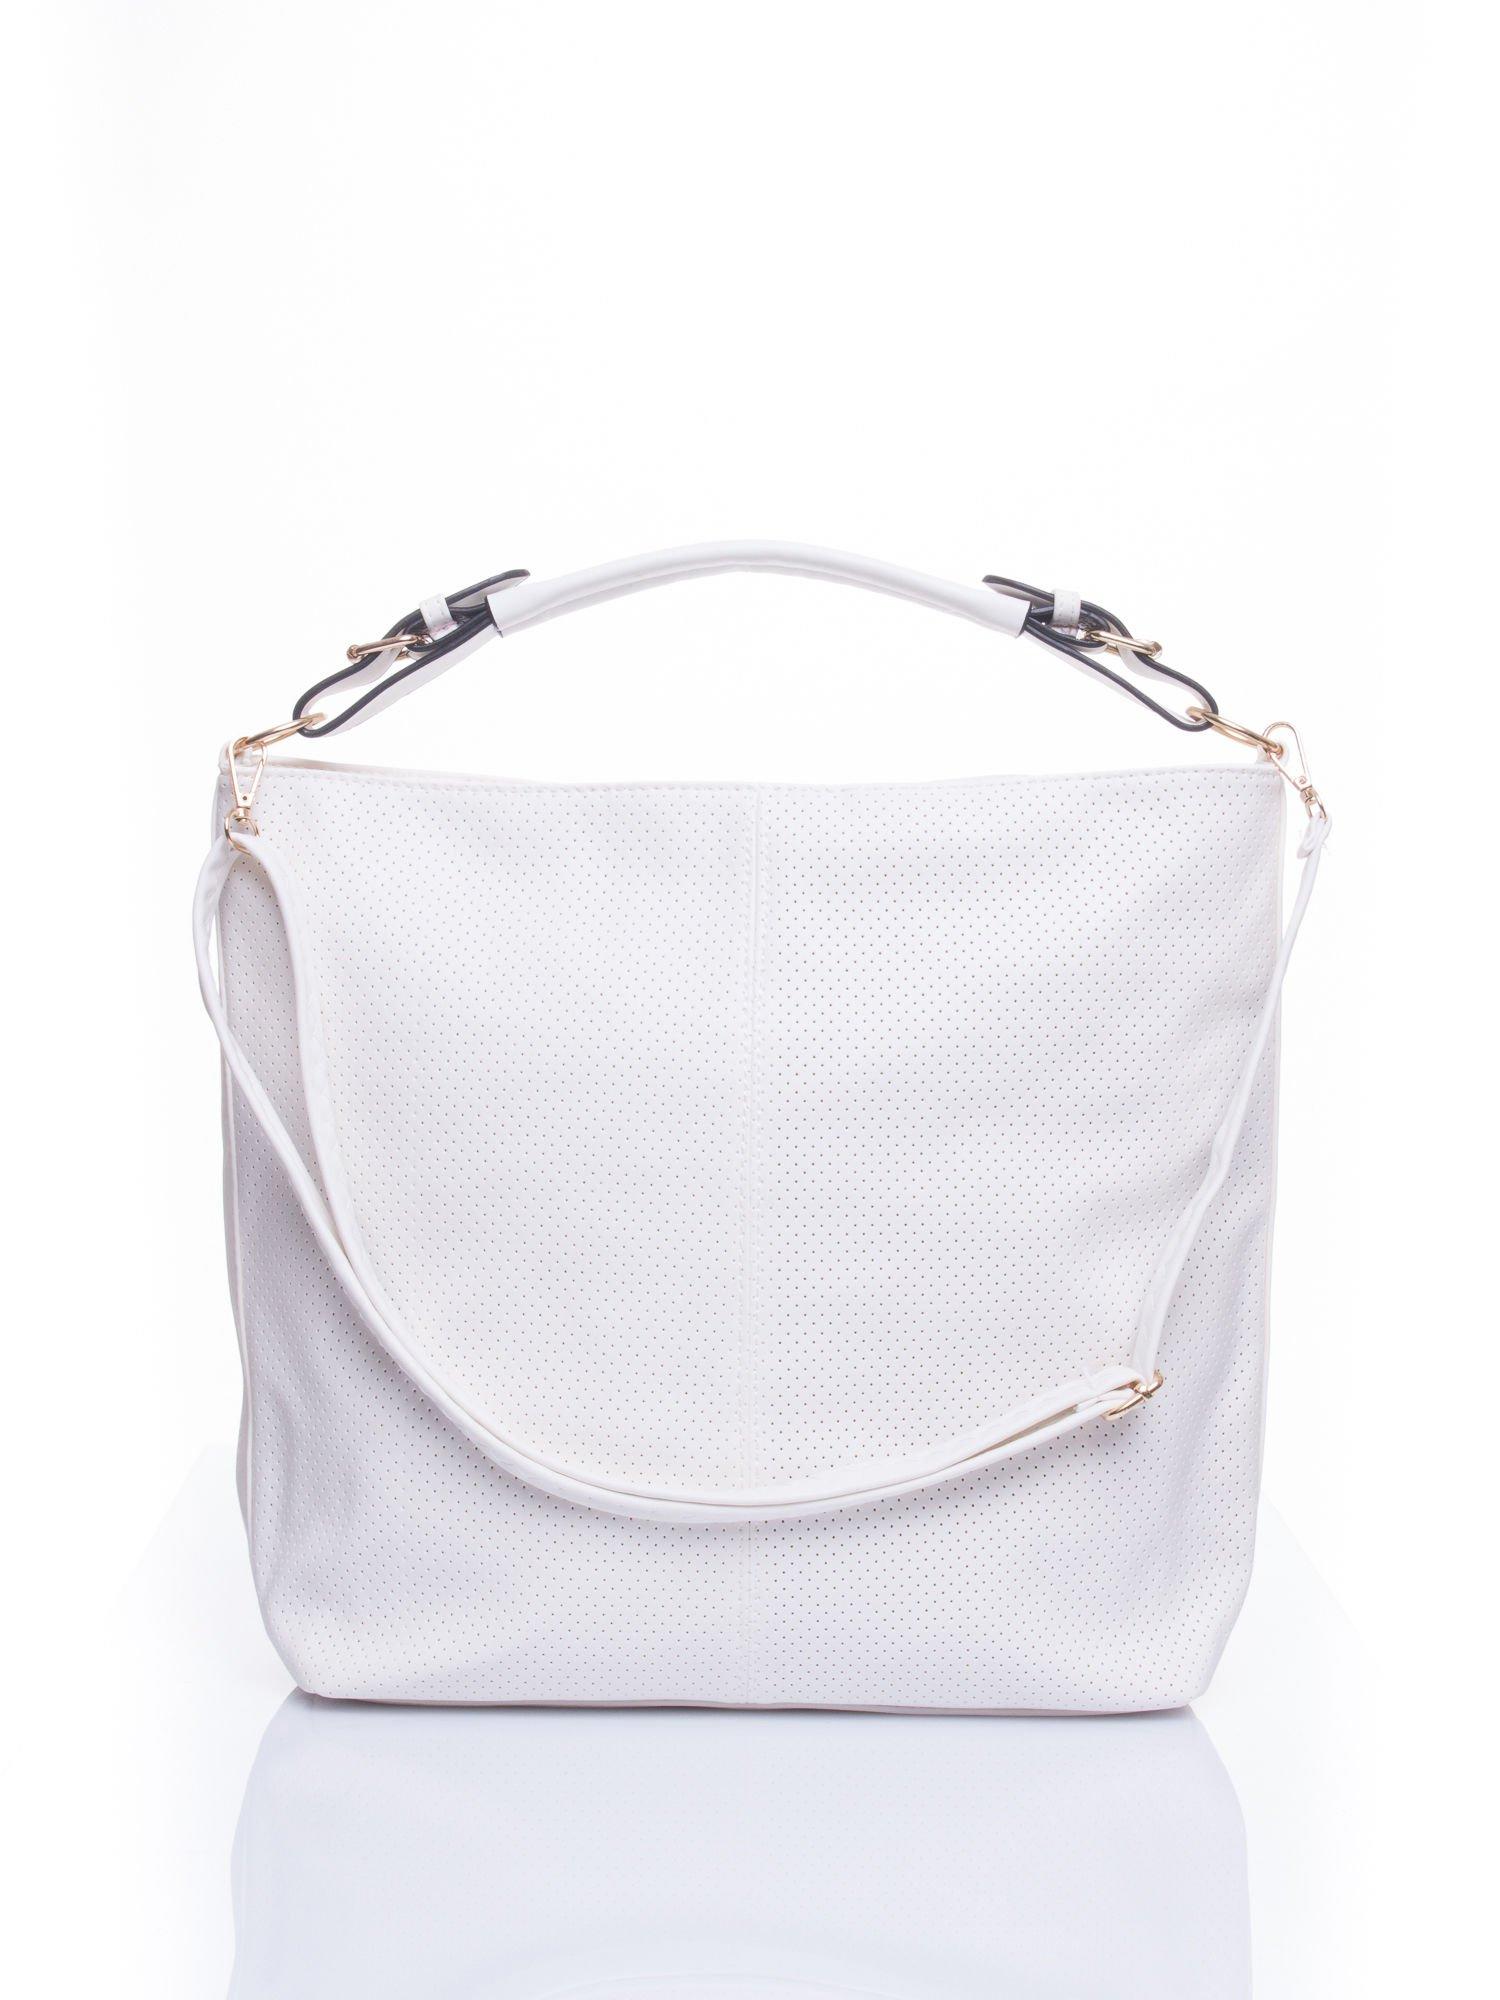 Biała torba damska hobo                                  zdj.                                  1